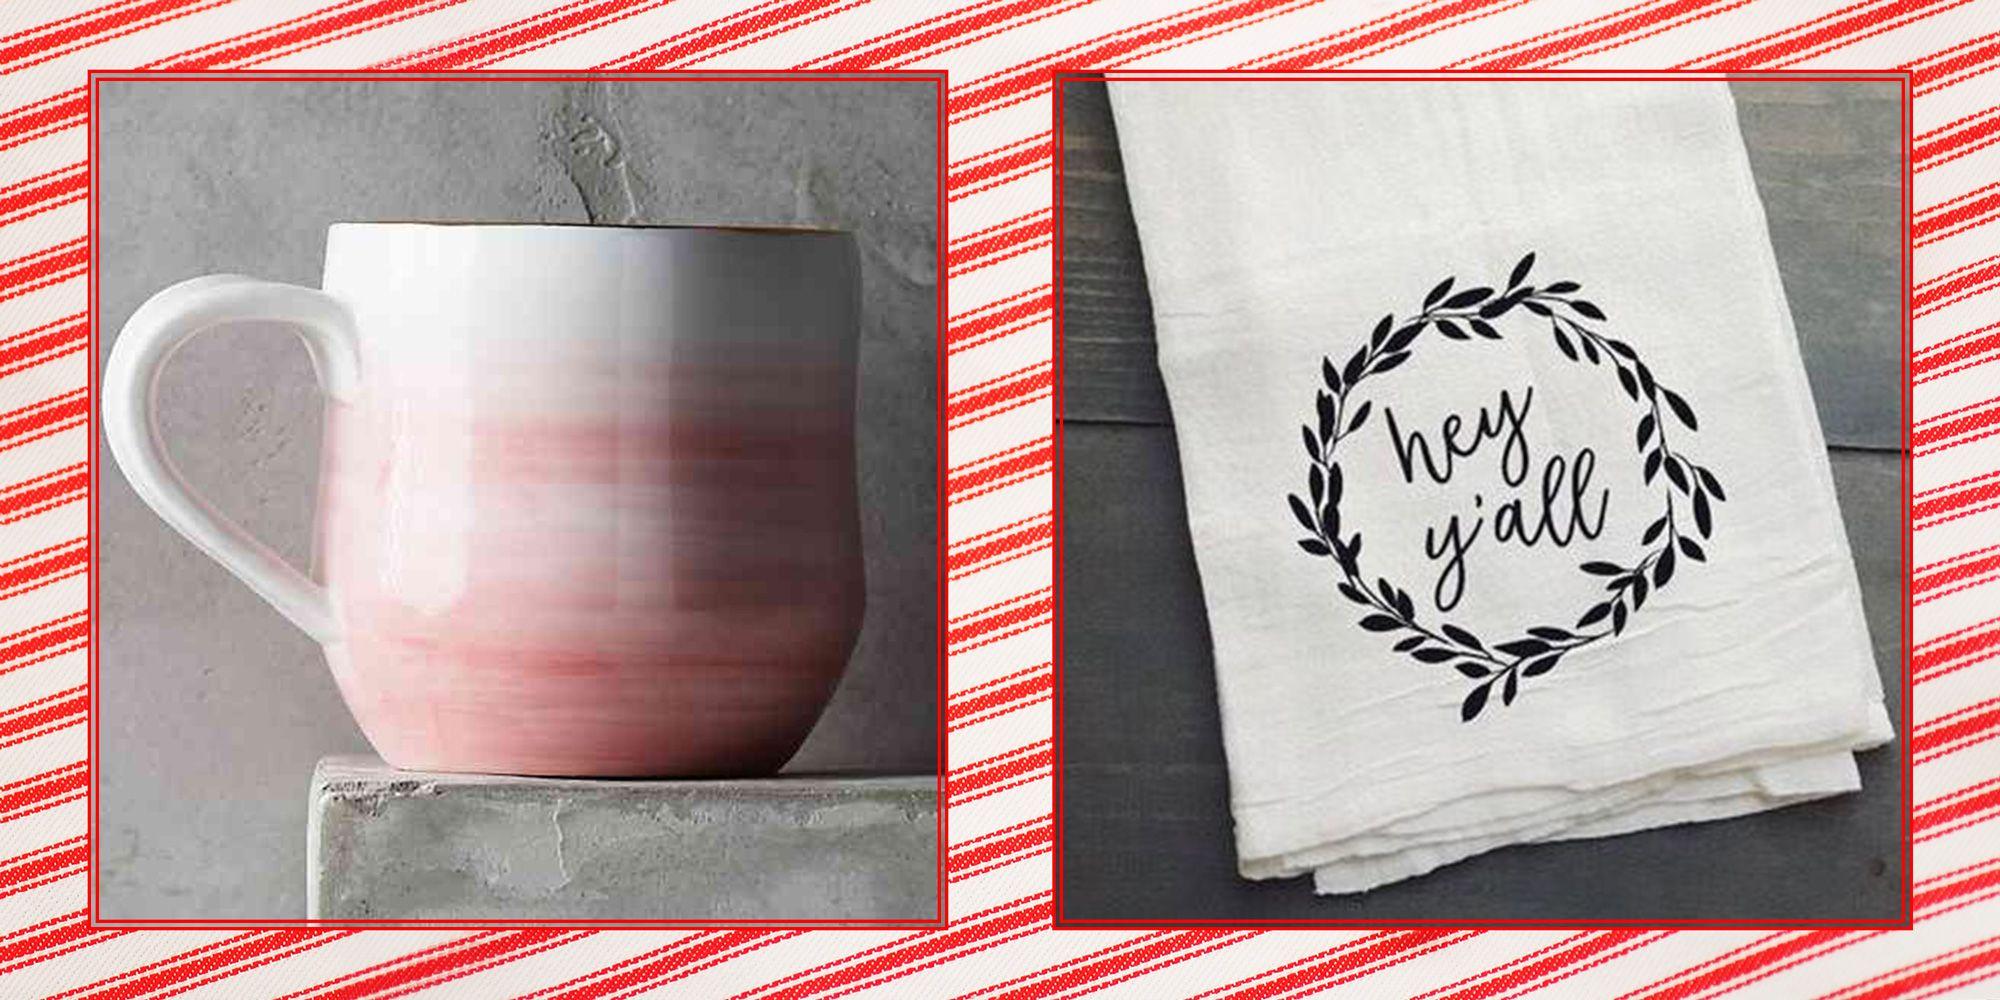 Host gift ideas for christmas